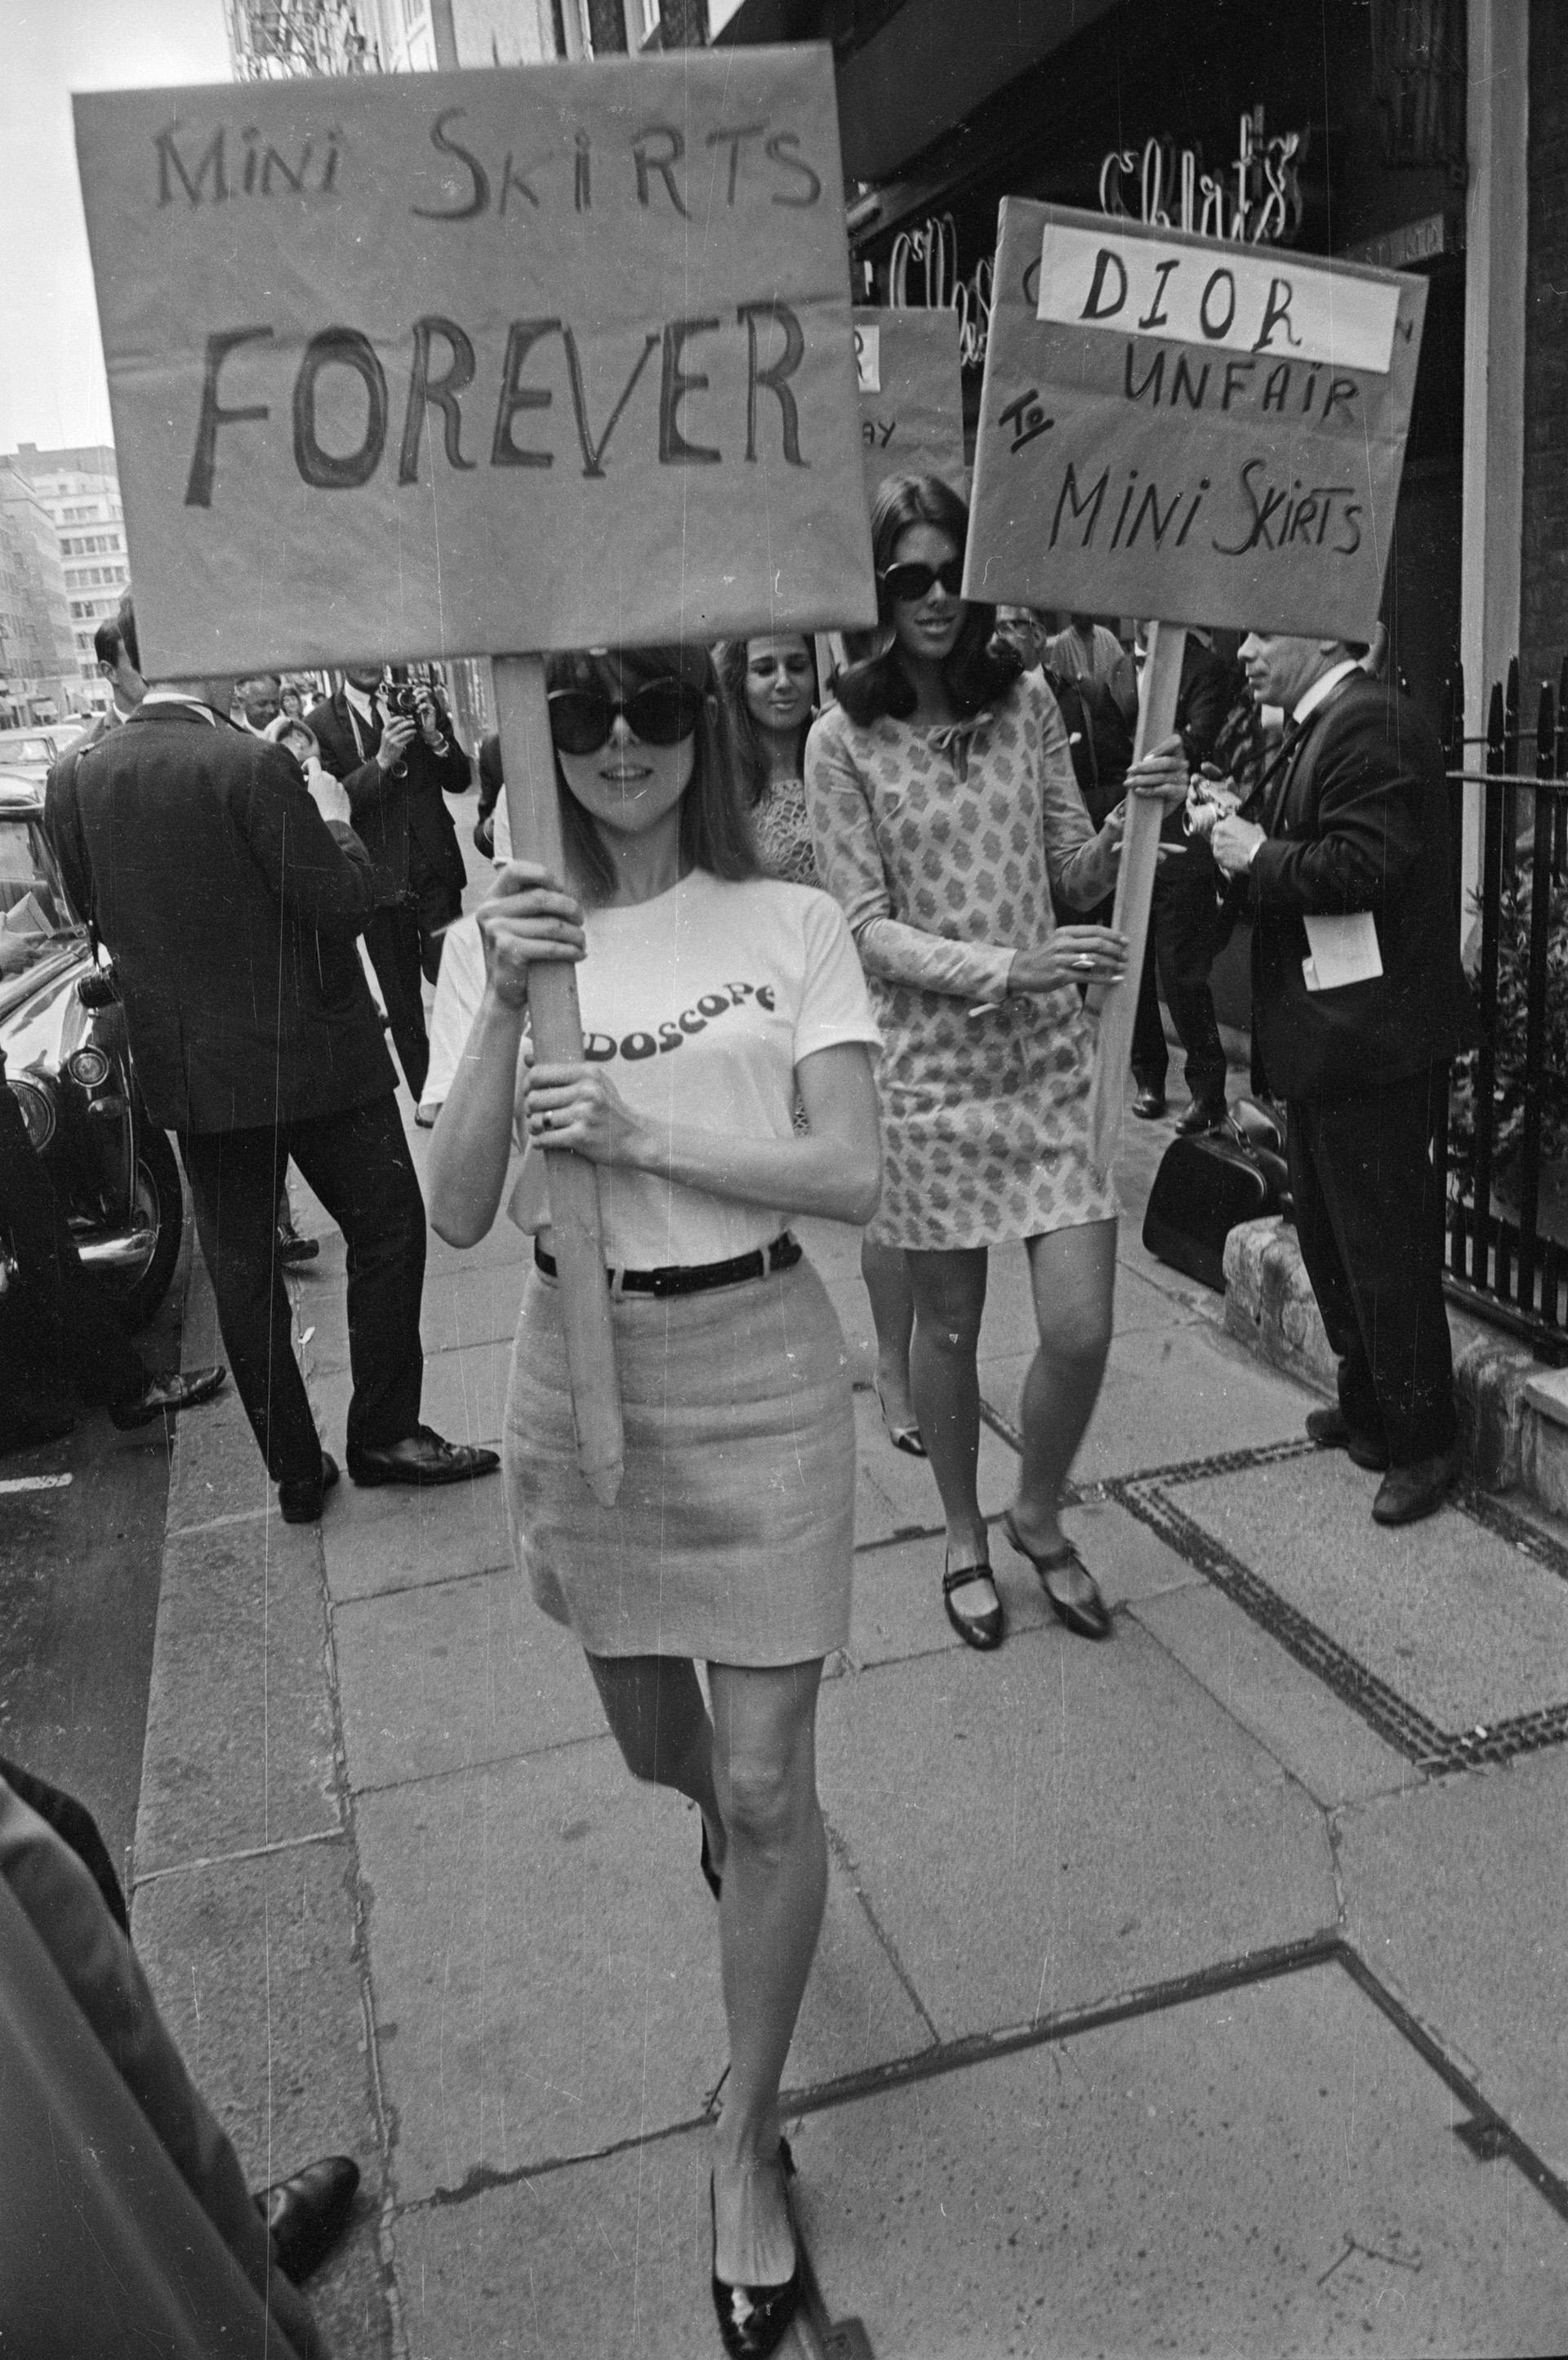 En 1966, jovenes salieron a las calles a manifestarse a favor del uso de minifalda en la puerta de la Maison Christian Dior, por su' destrato ' hacia esta pieza (Larry Ellis/Express/Getty Images)